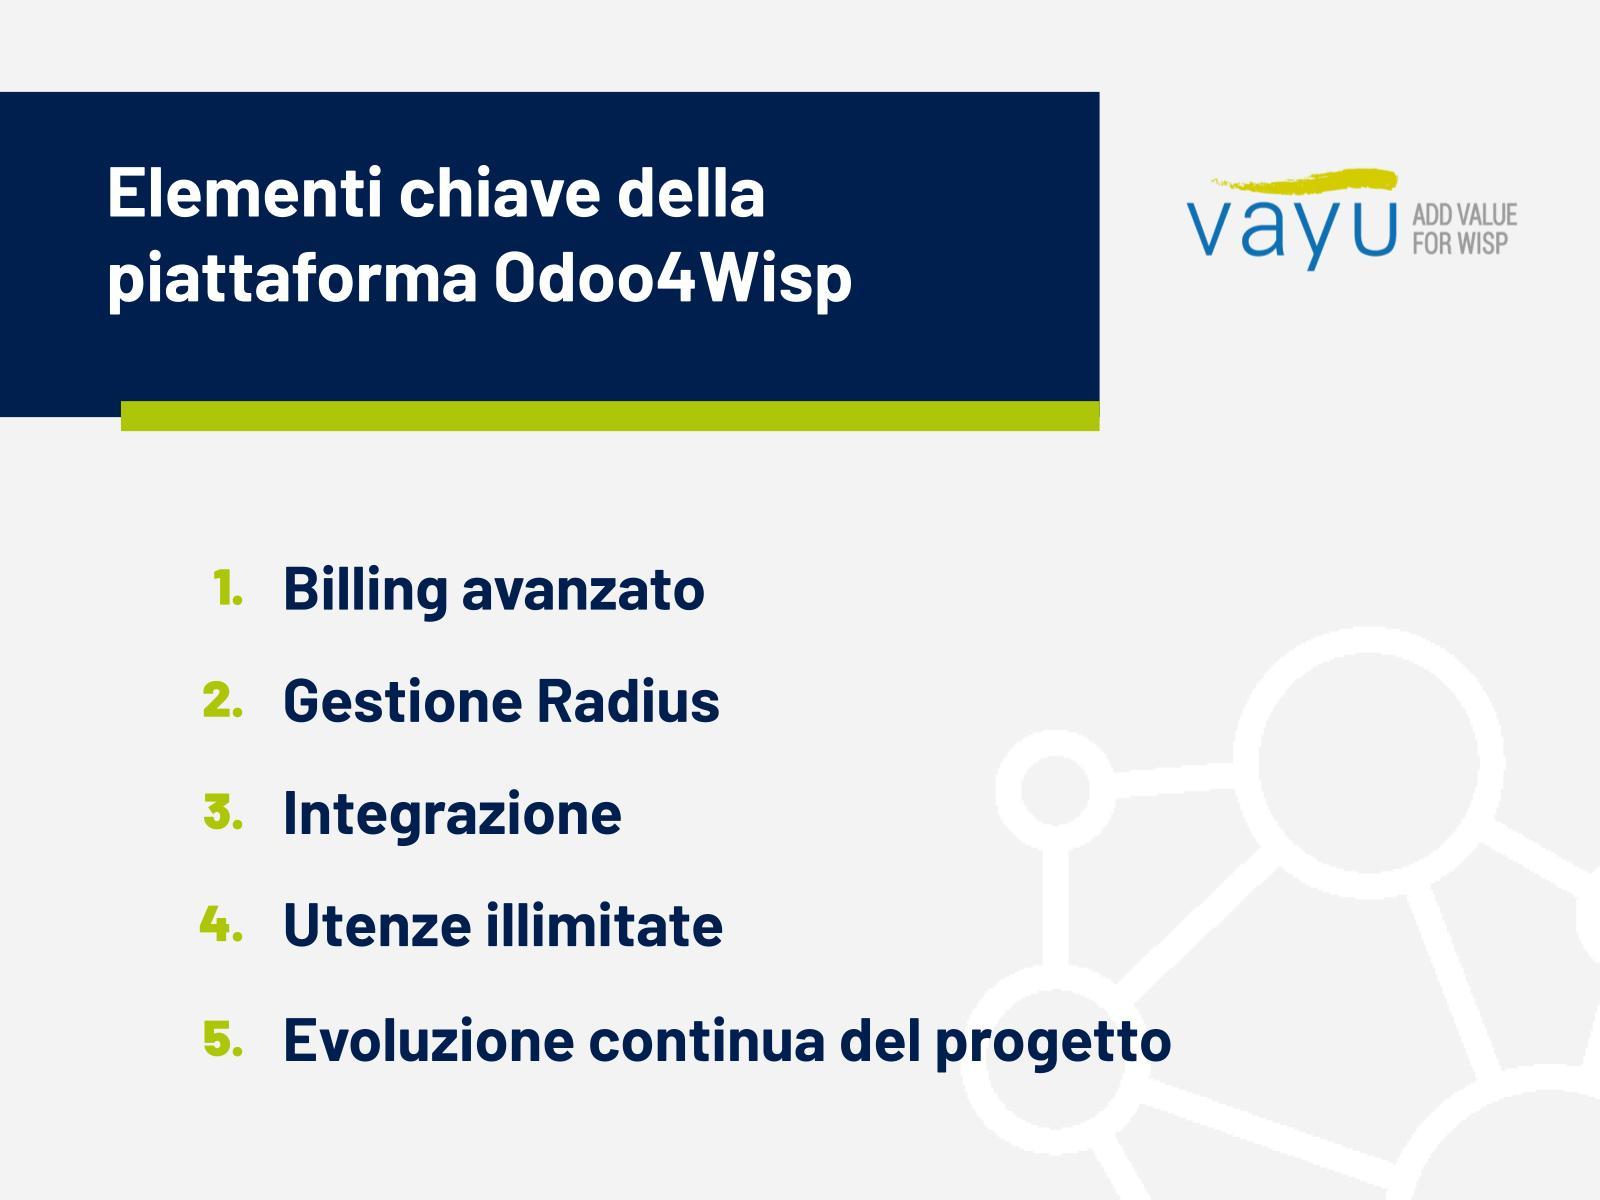 Odoo4Wisp: i 5 elementi chiave della piattaforma